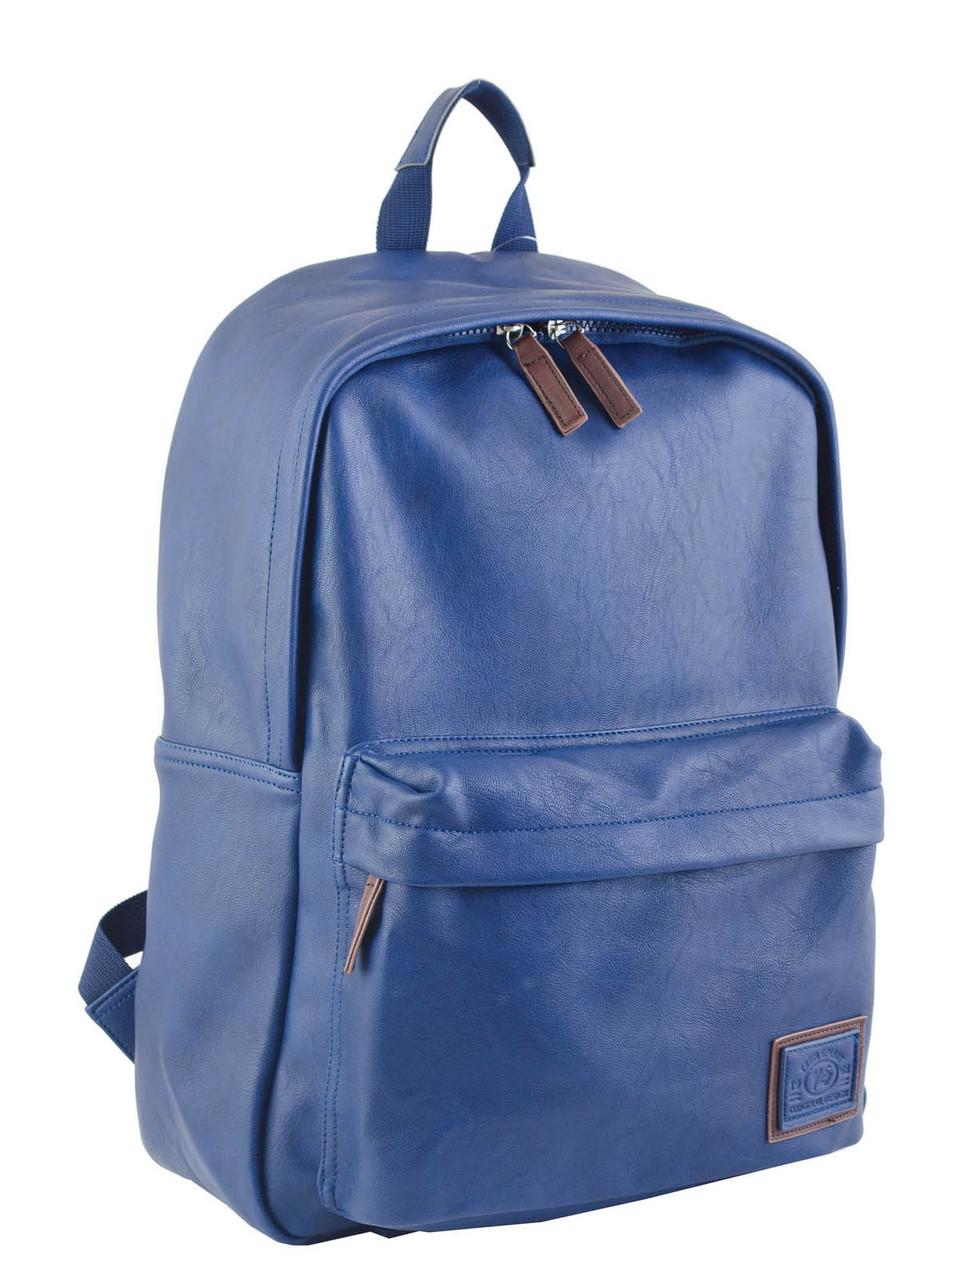 Рюкзак подростковый ST-15 Blue, 41.5*30*12.5